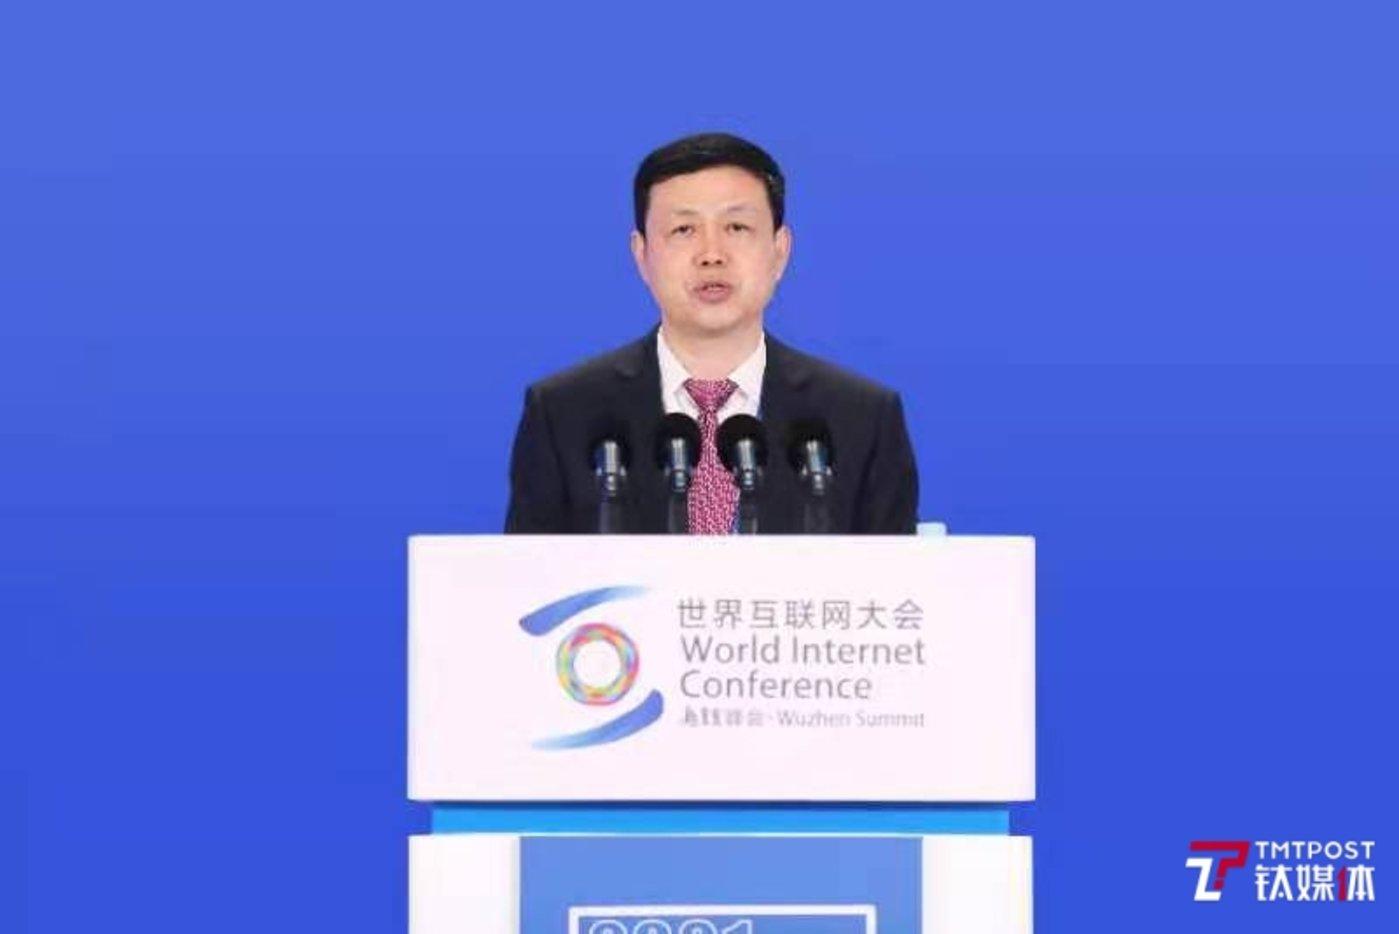 中国移动杨杰董事长在2021年世界互联网大会主旨发言